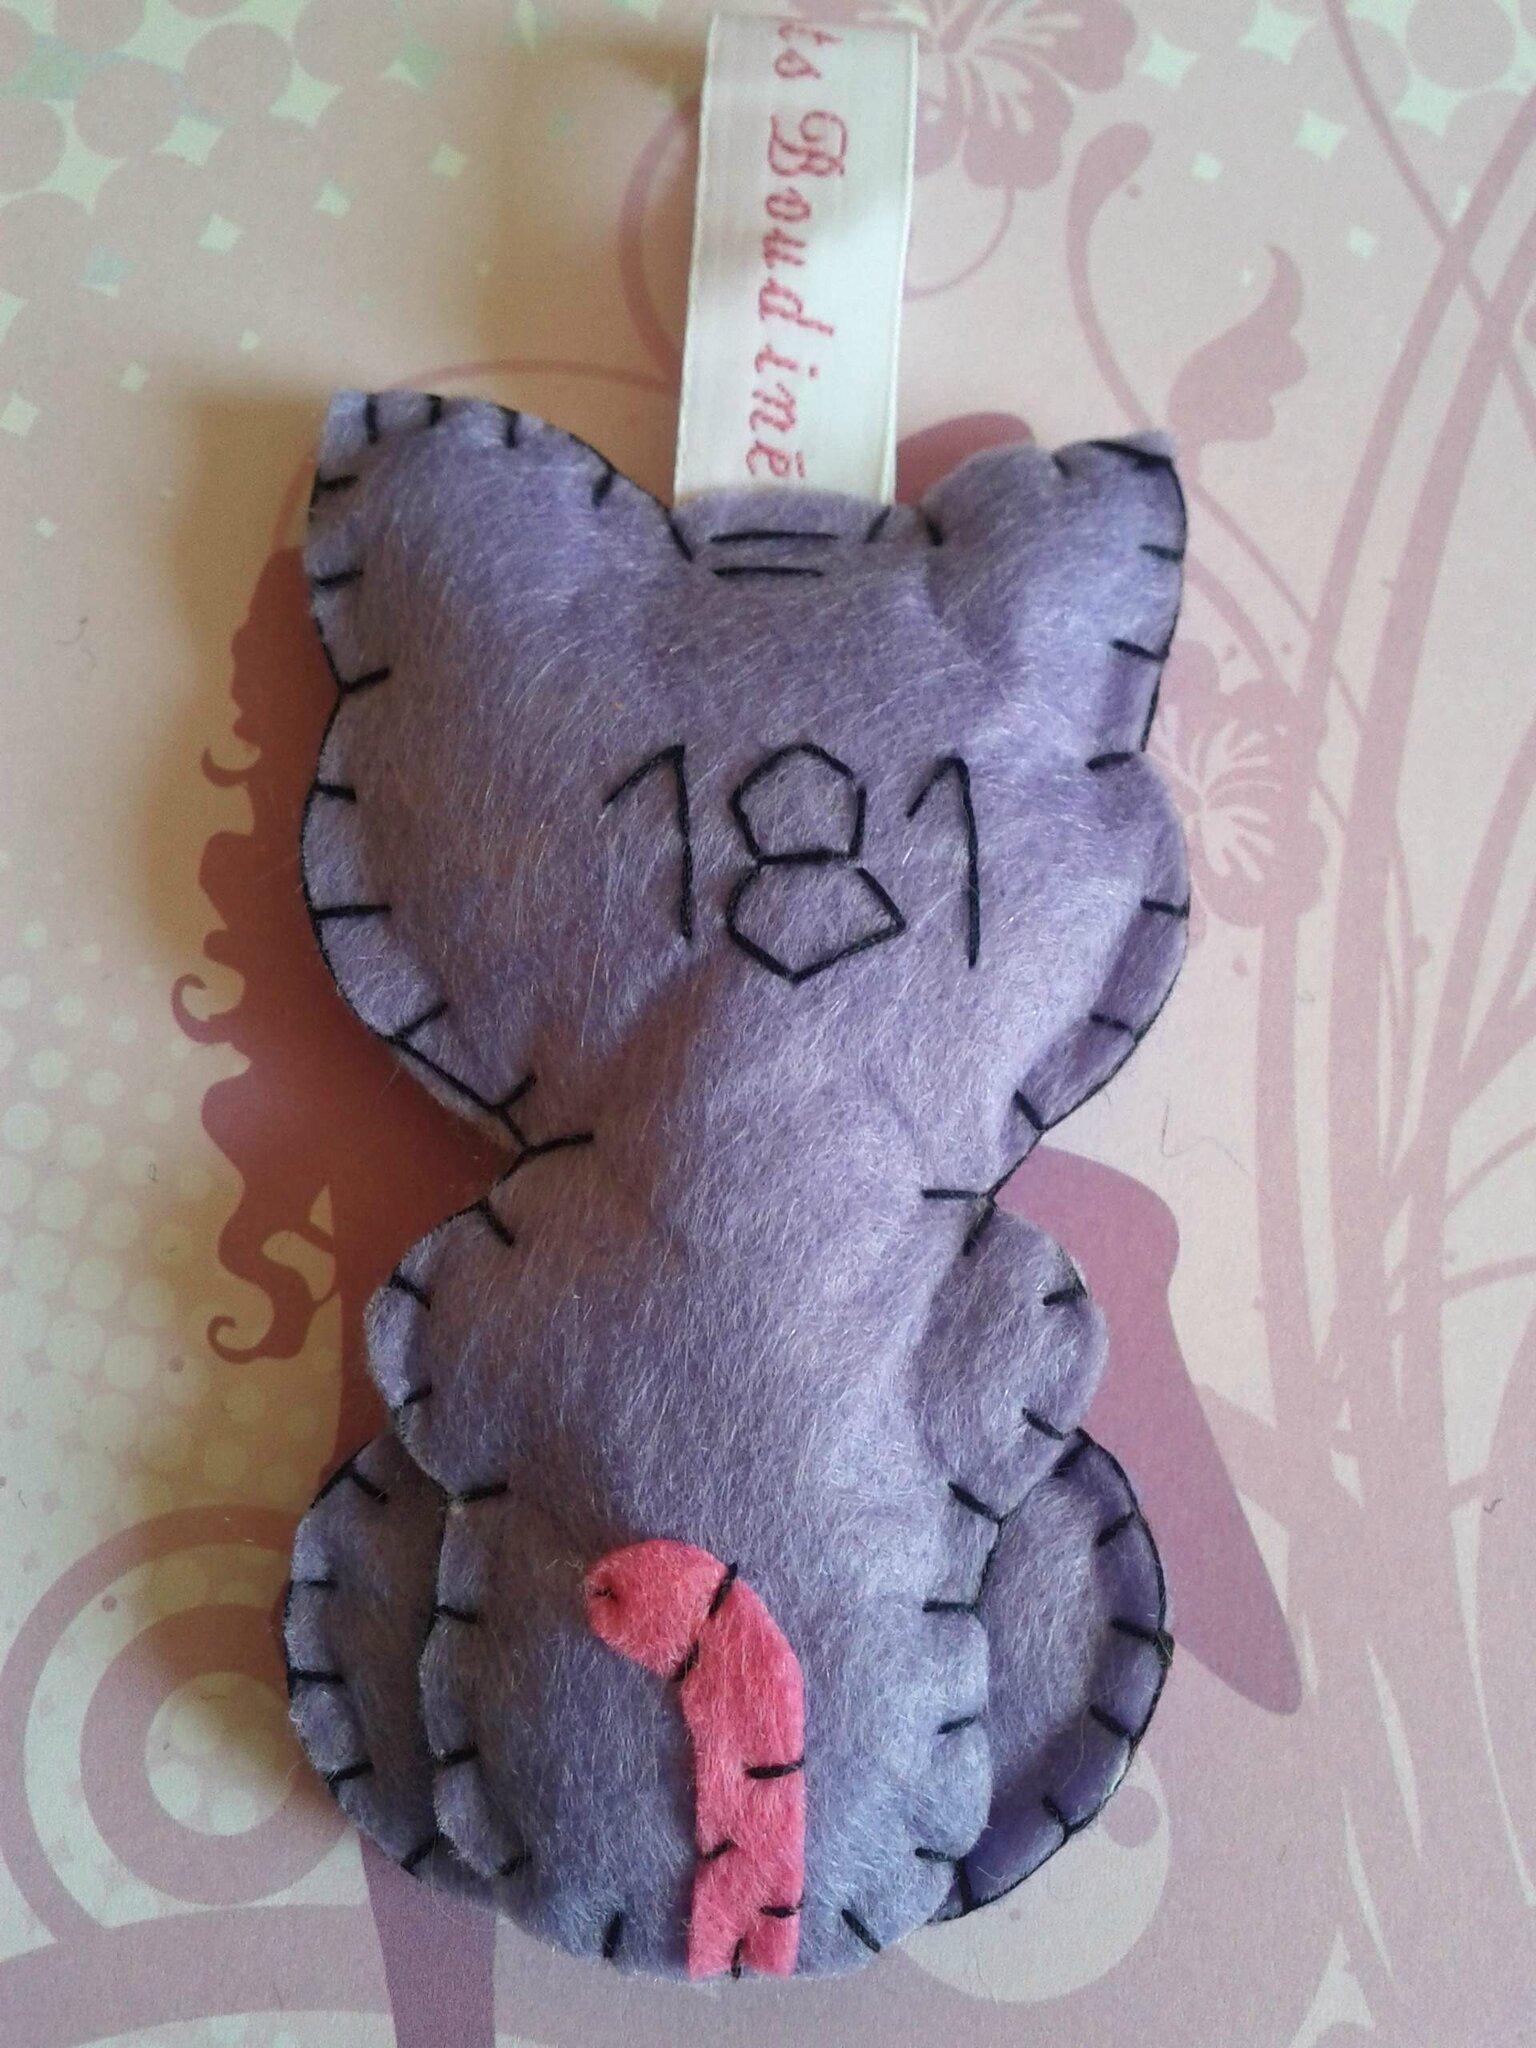 neko n°181